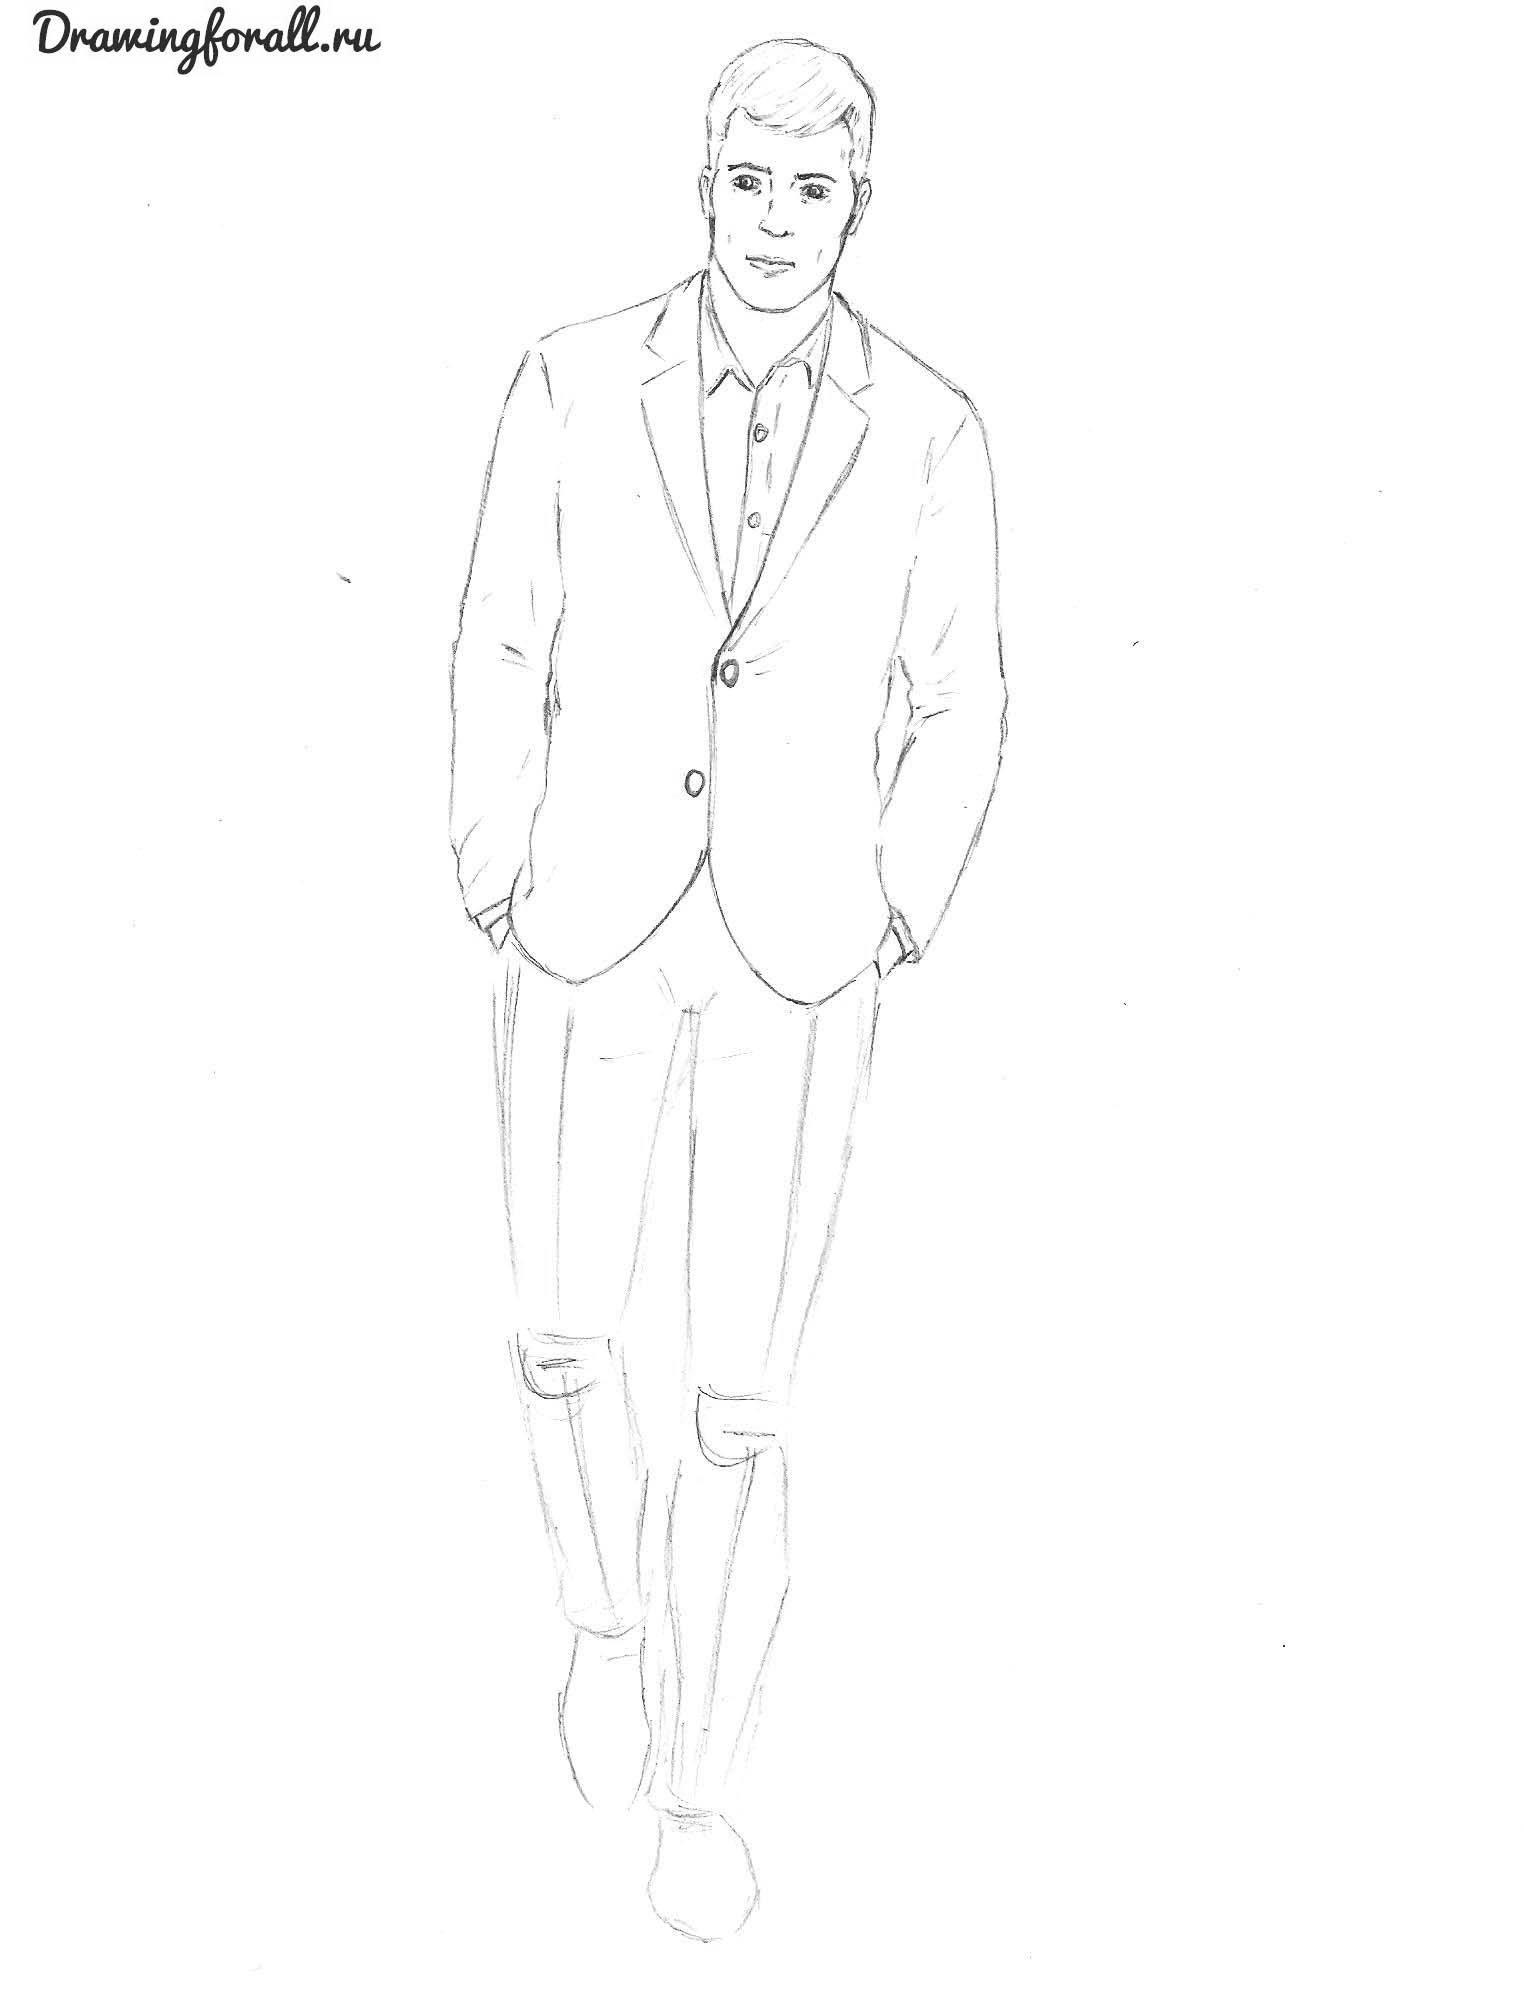 Как рисовать карандашом людей нарисованные